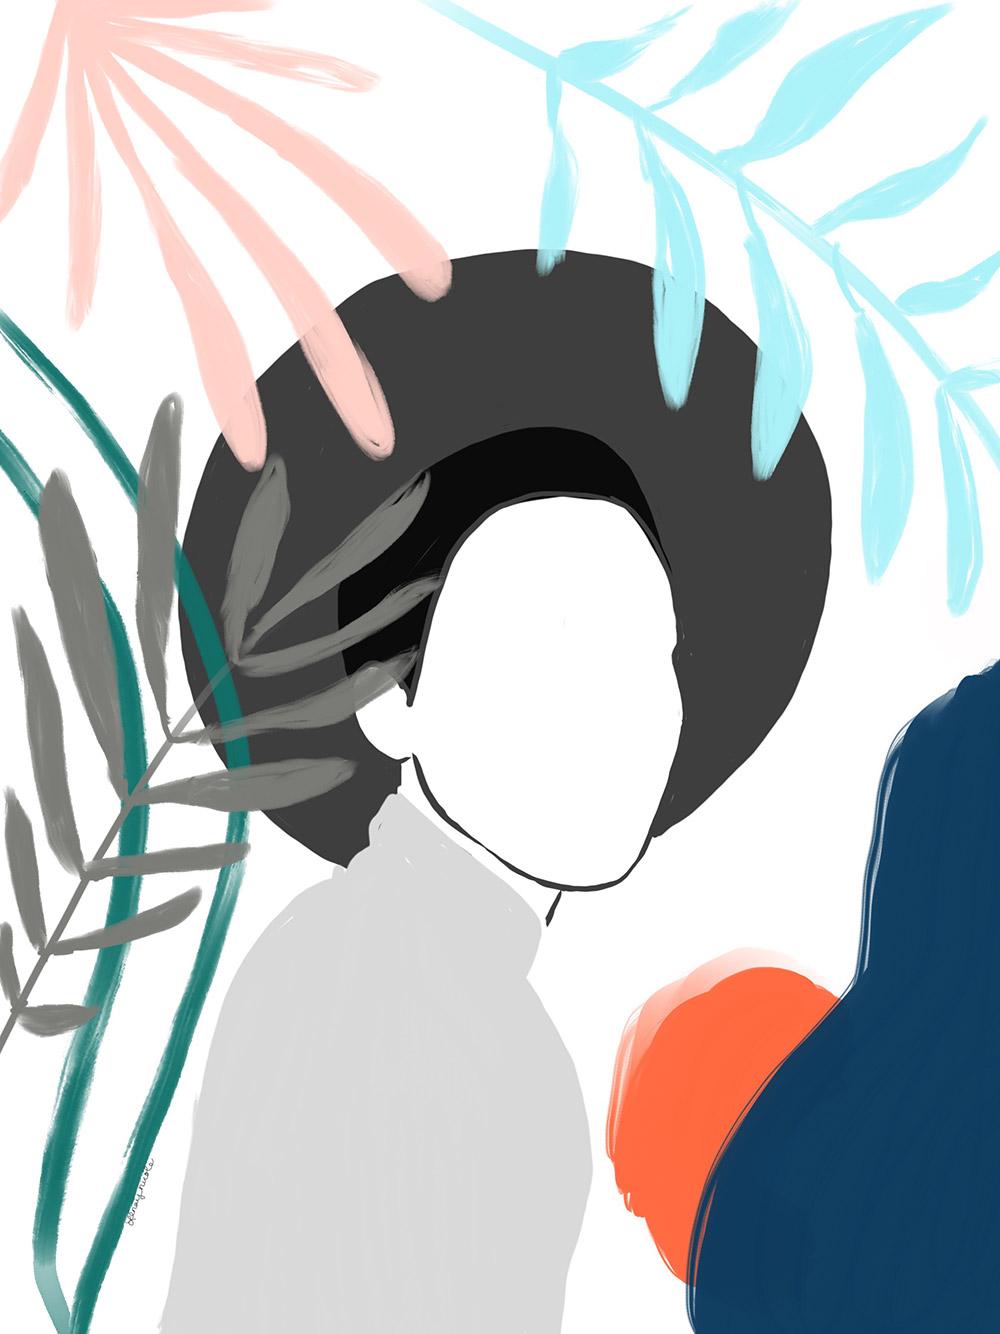 lenaynicole-illustration-23-100.jpg